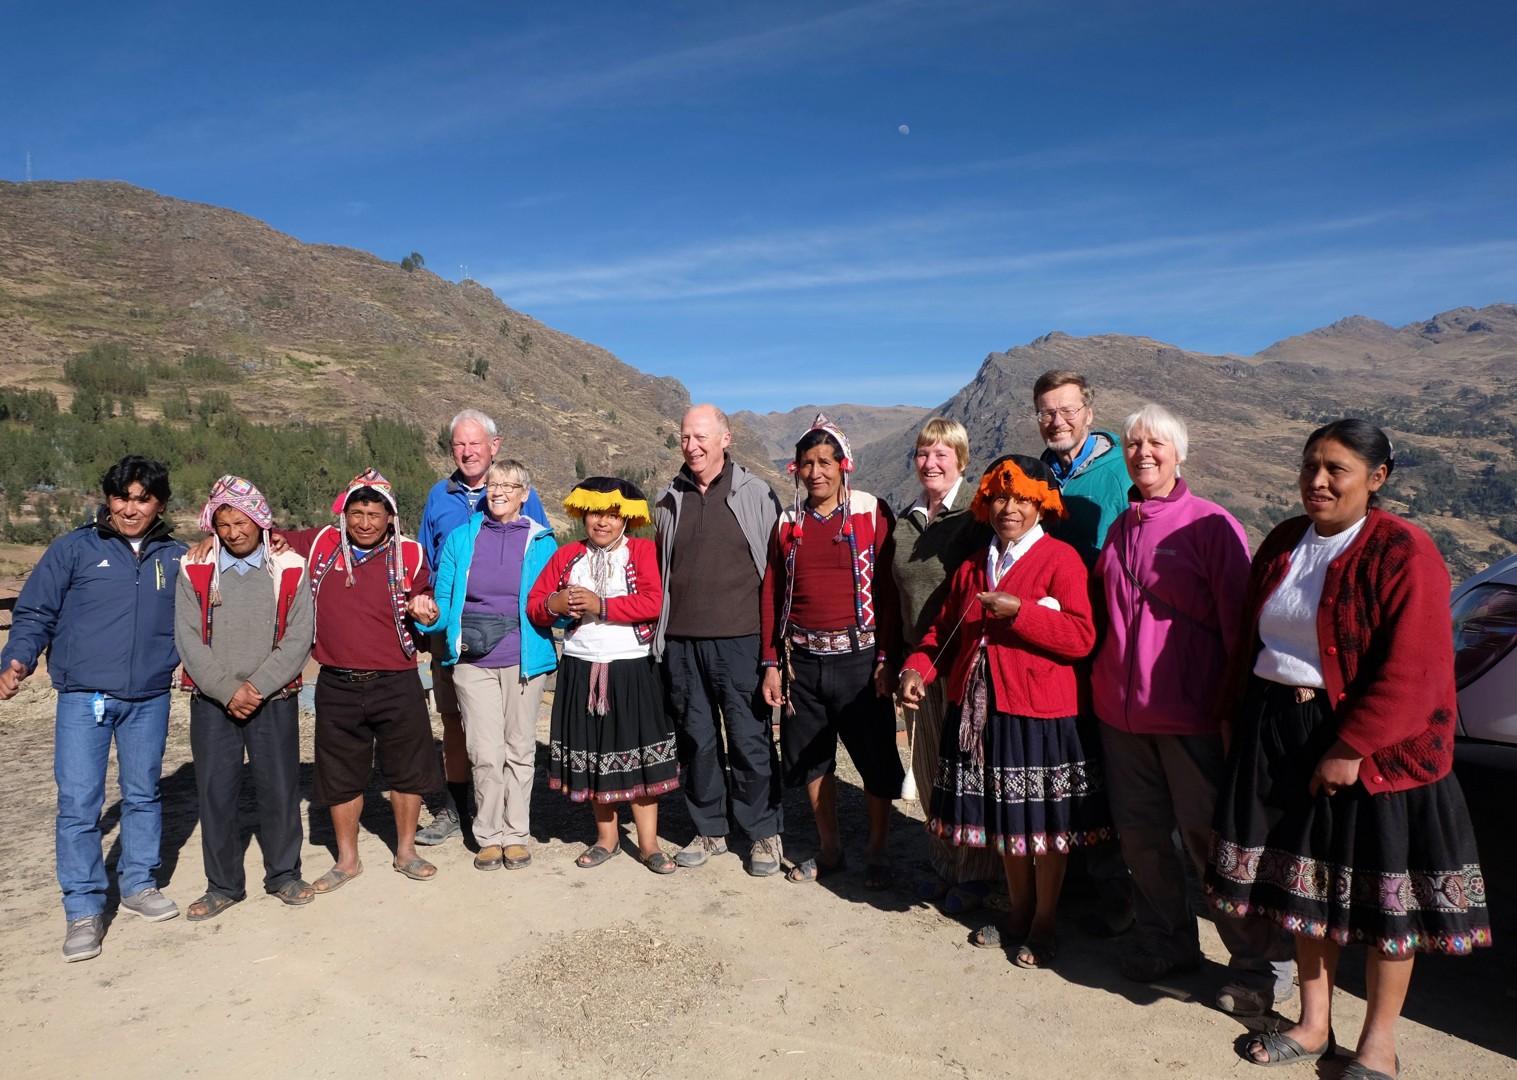 Inca Trails in Peru 2.jpg - Inca Trails in Peru - Meet the People Tours